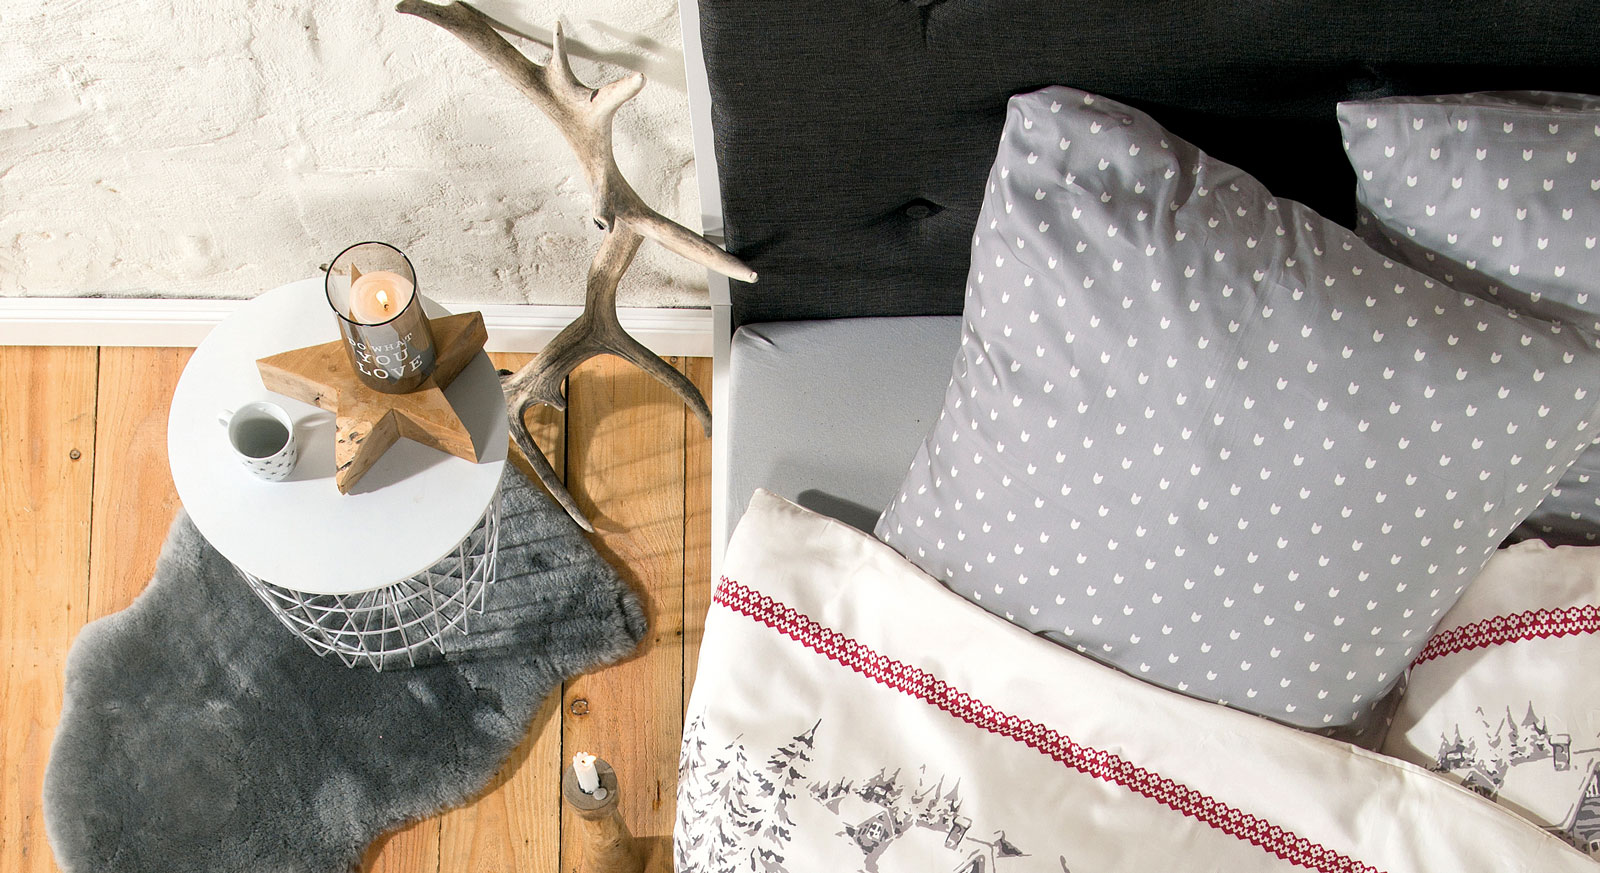 Feinflanell-Bettwäsche Winterlove mit grau-weißen Kissen